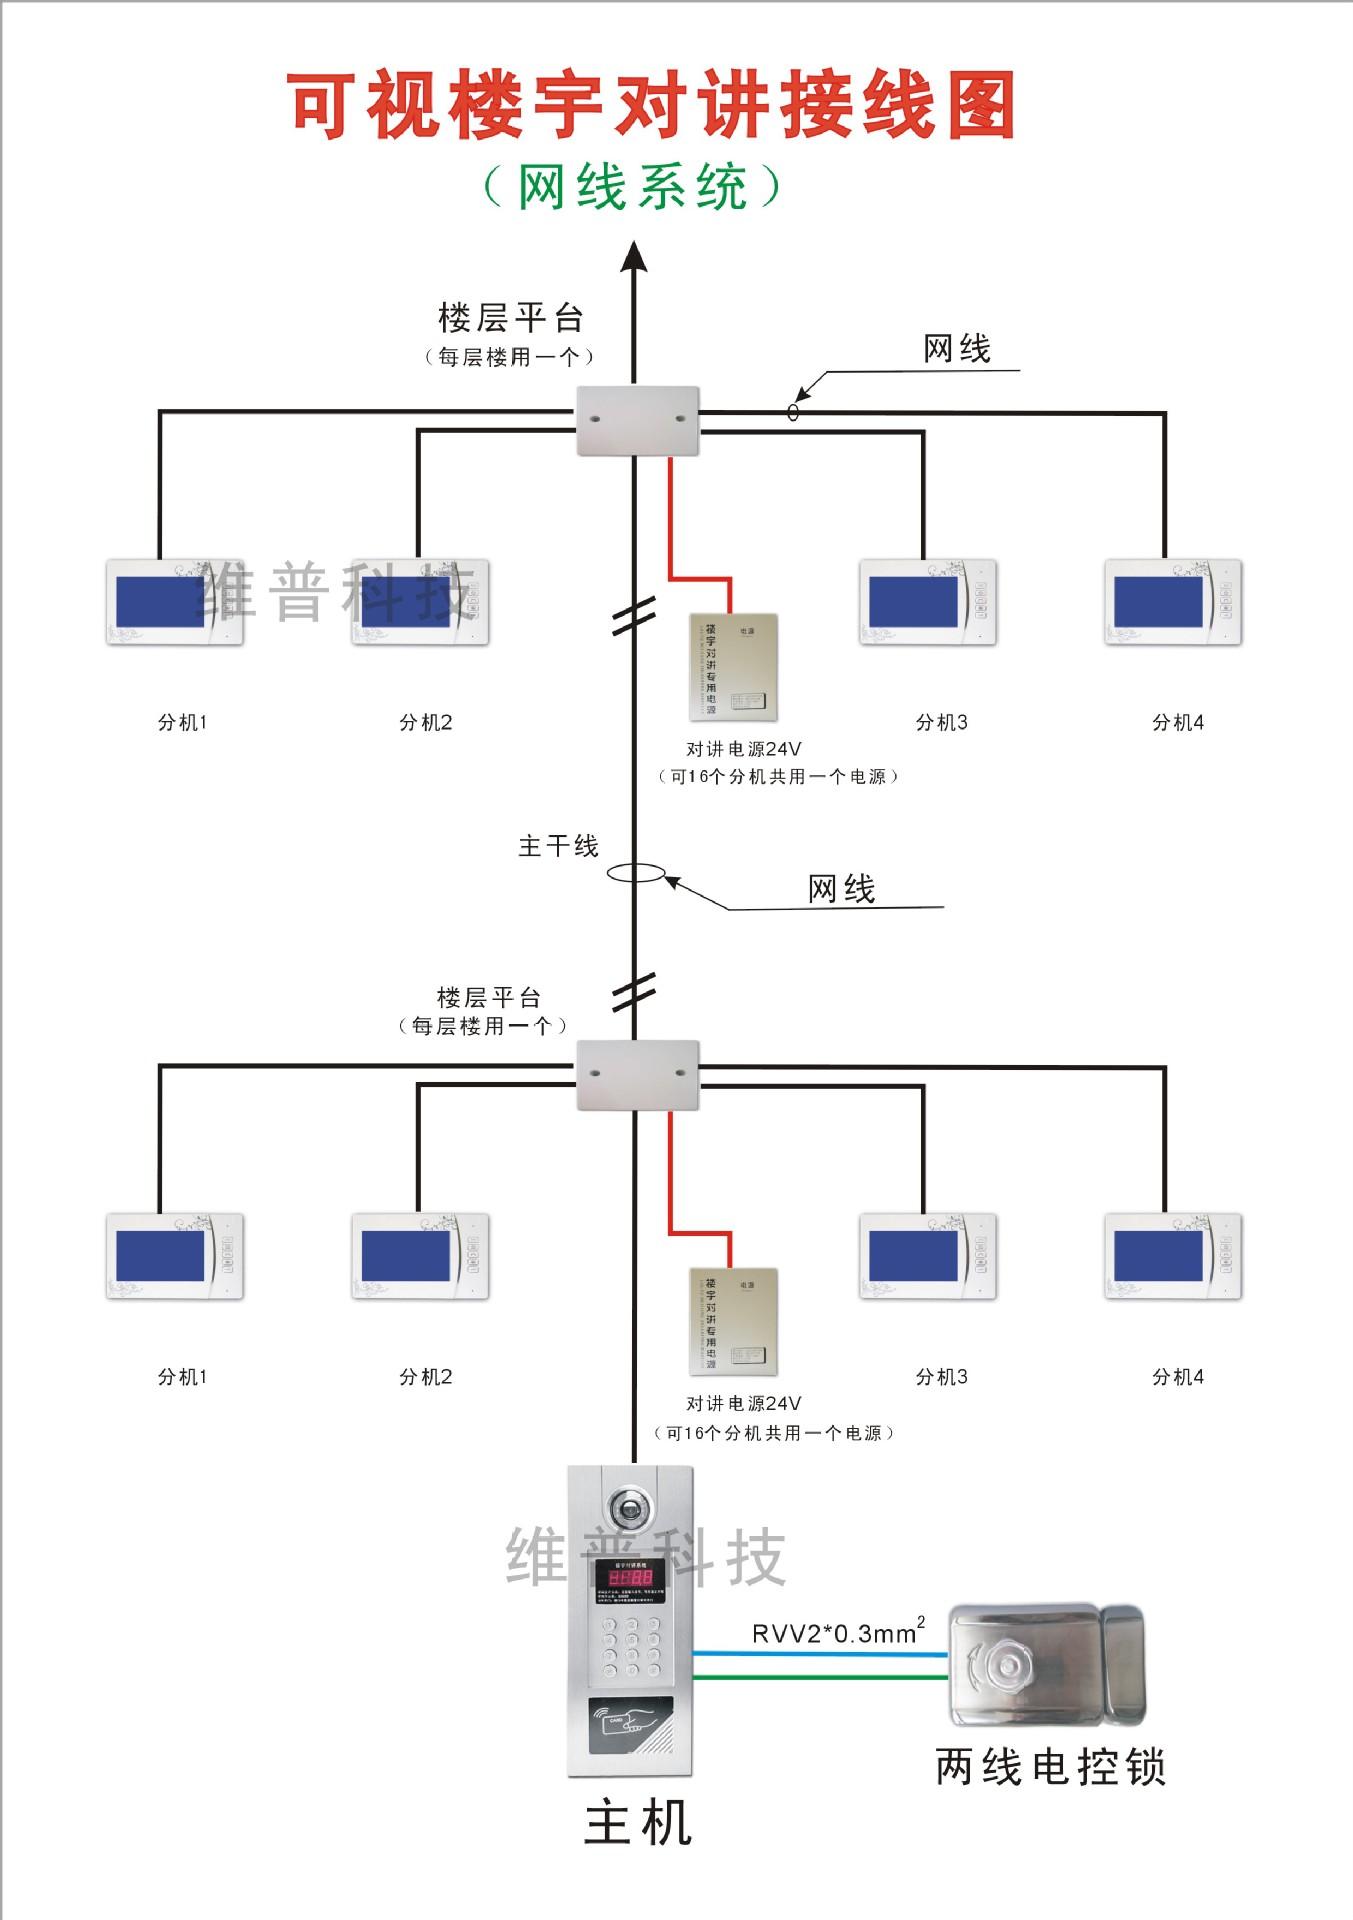 楼宇对讲主机 可视门铃 对讲门禁 楼宇对讲机 网线连接可选刷卡